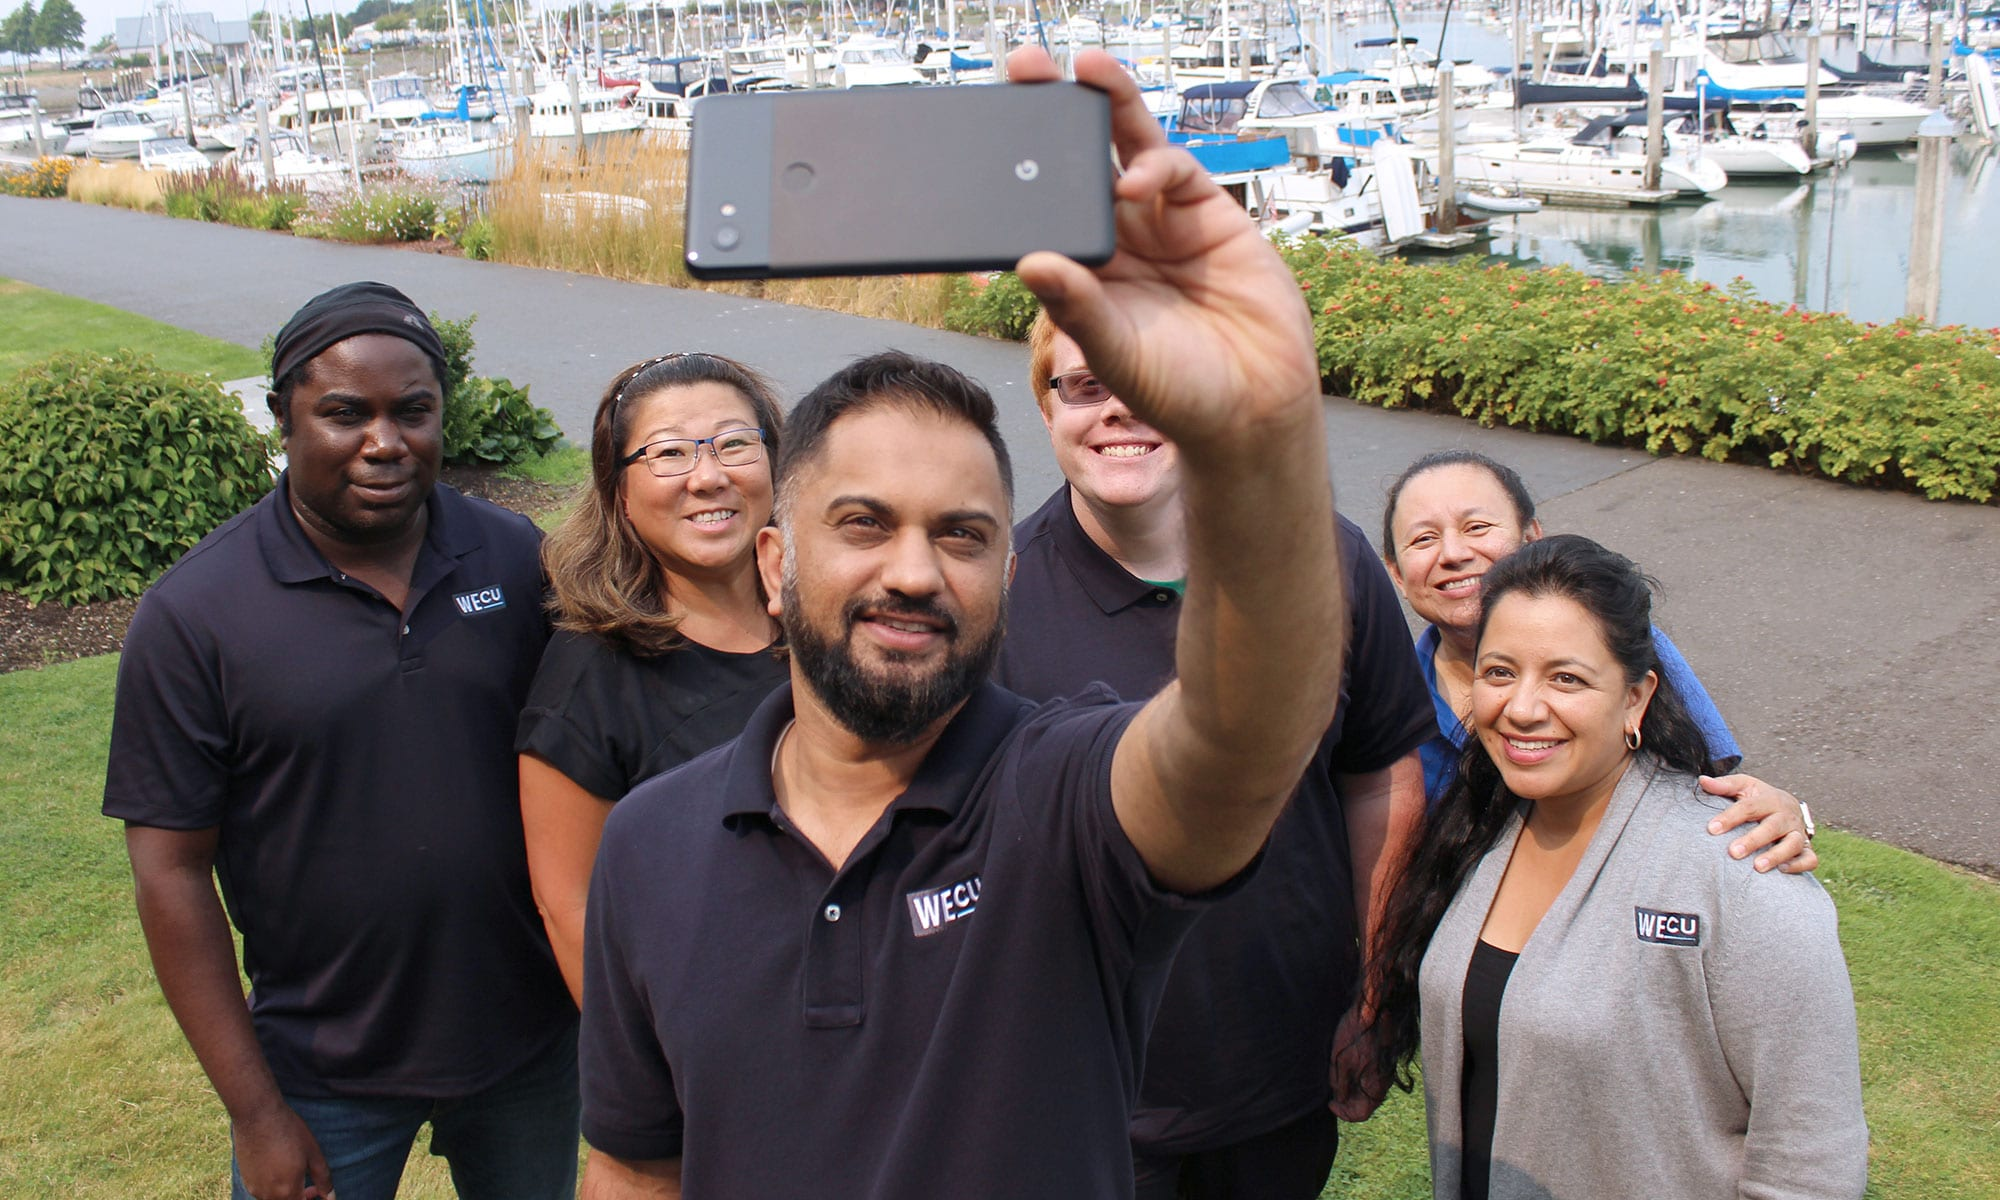 WECU volunteers smiling for a selfie.